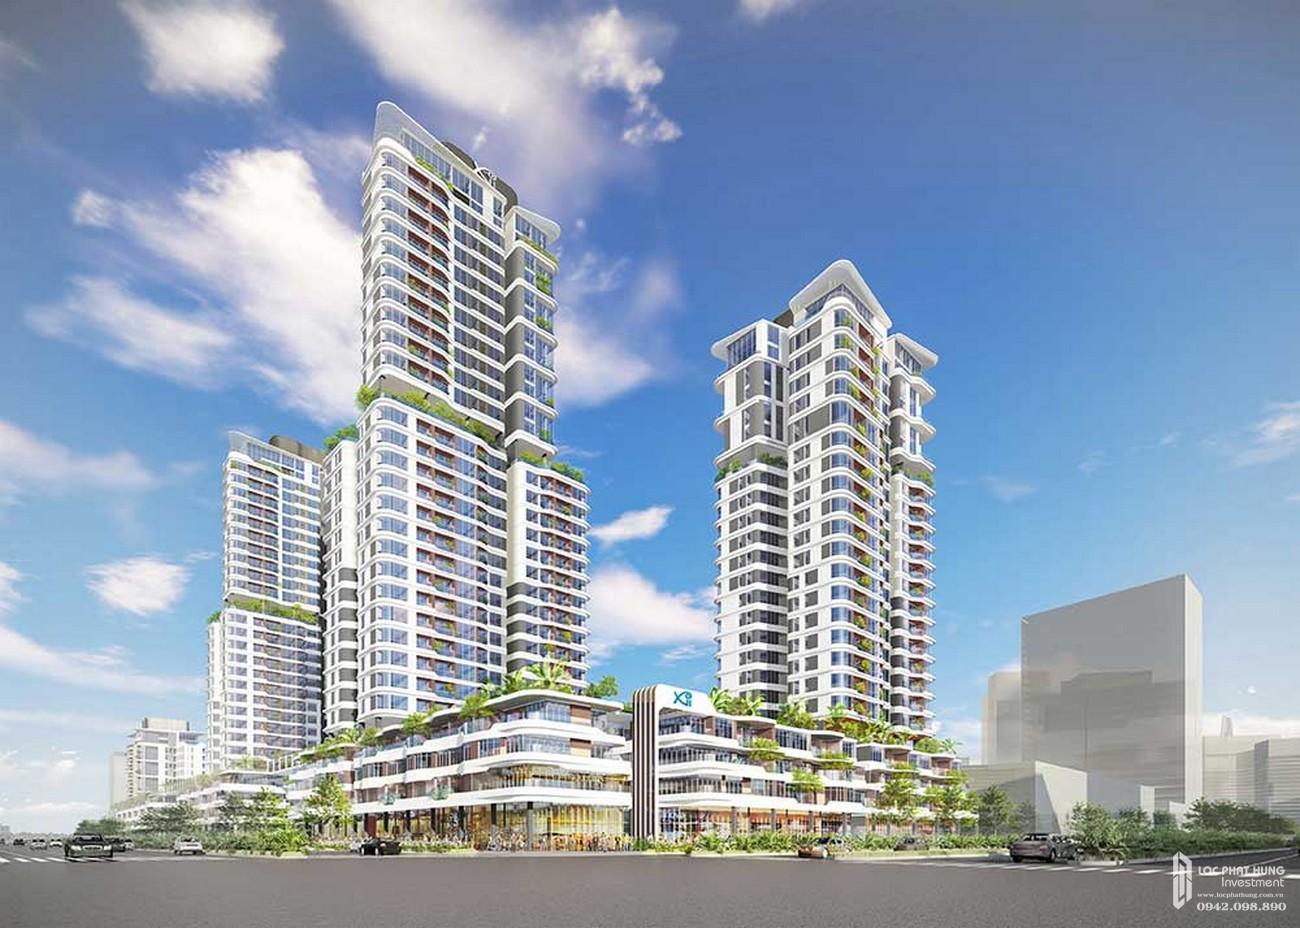 Phối cảnh tổng thể dự án căn hộ chung cư Thủ Thiêm Zeit Quận 2 Đường Nguyễn Cơ Thạch chủ đầu tư GS E&C